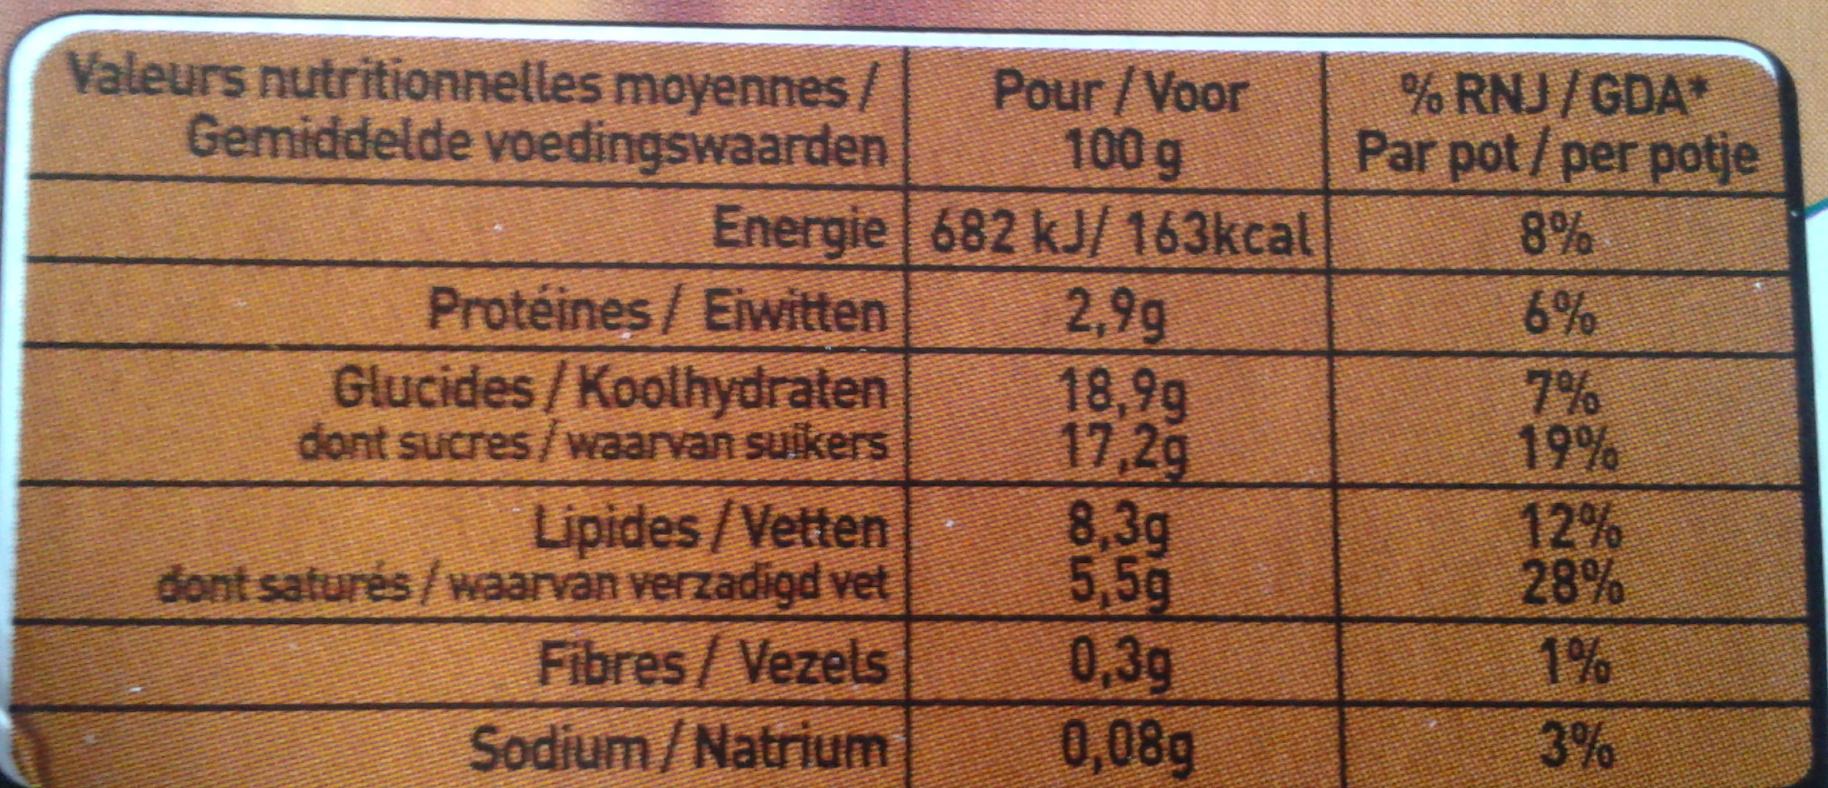 Le Viennois (Café) - Voedingswaarden